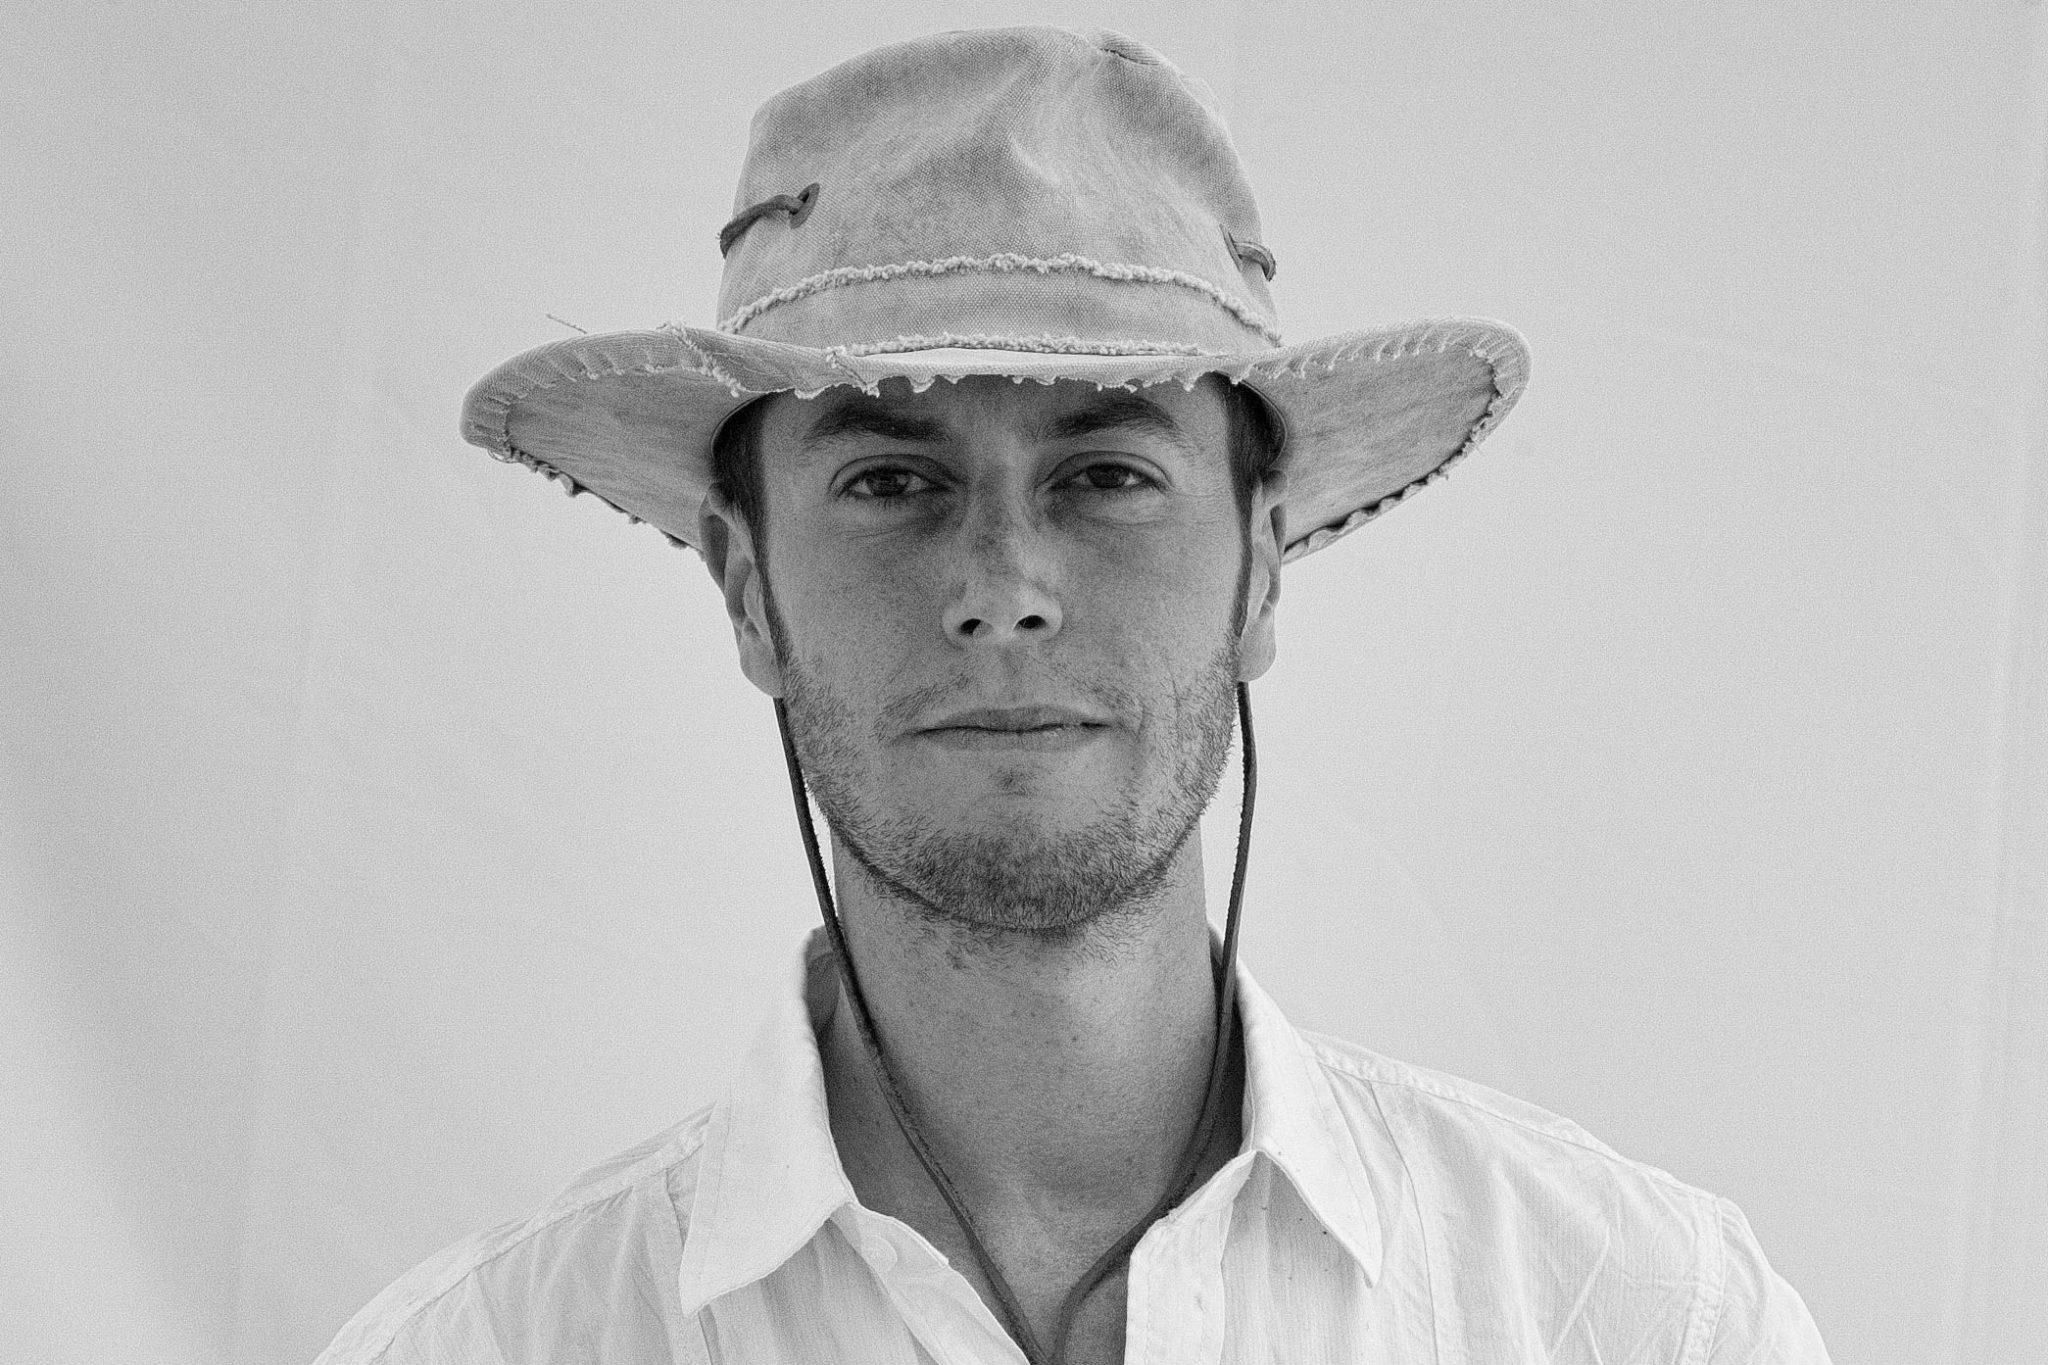 Paul Knox at Burning Man